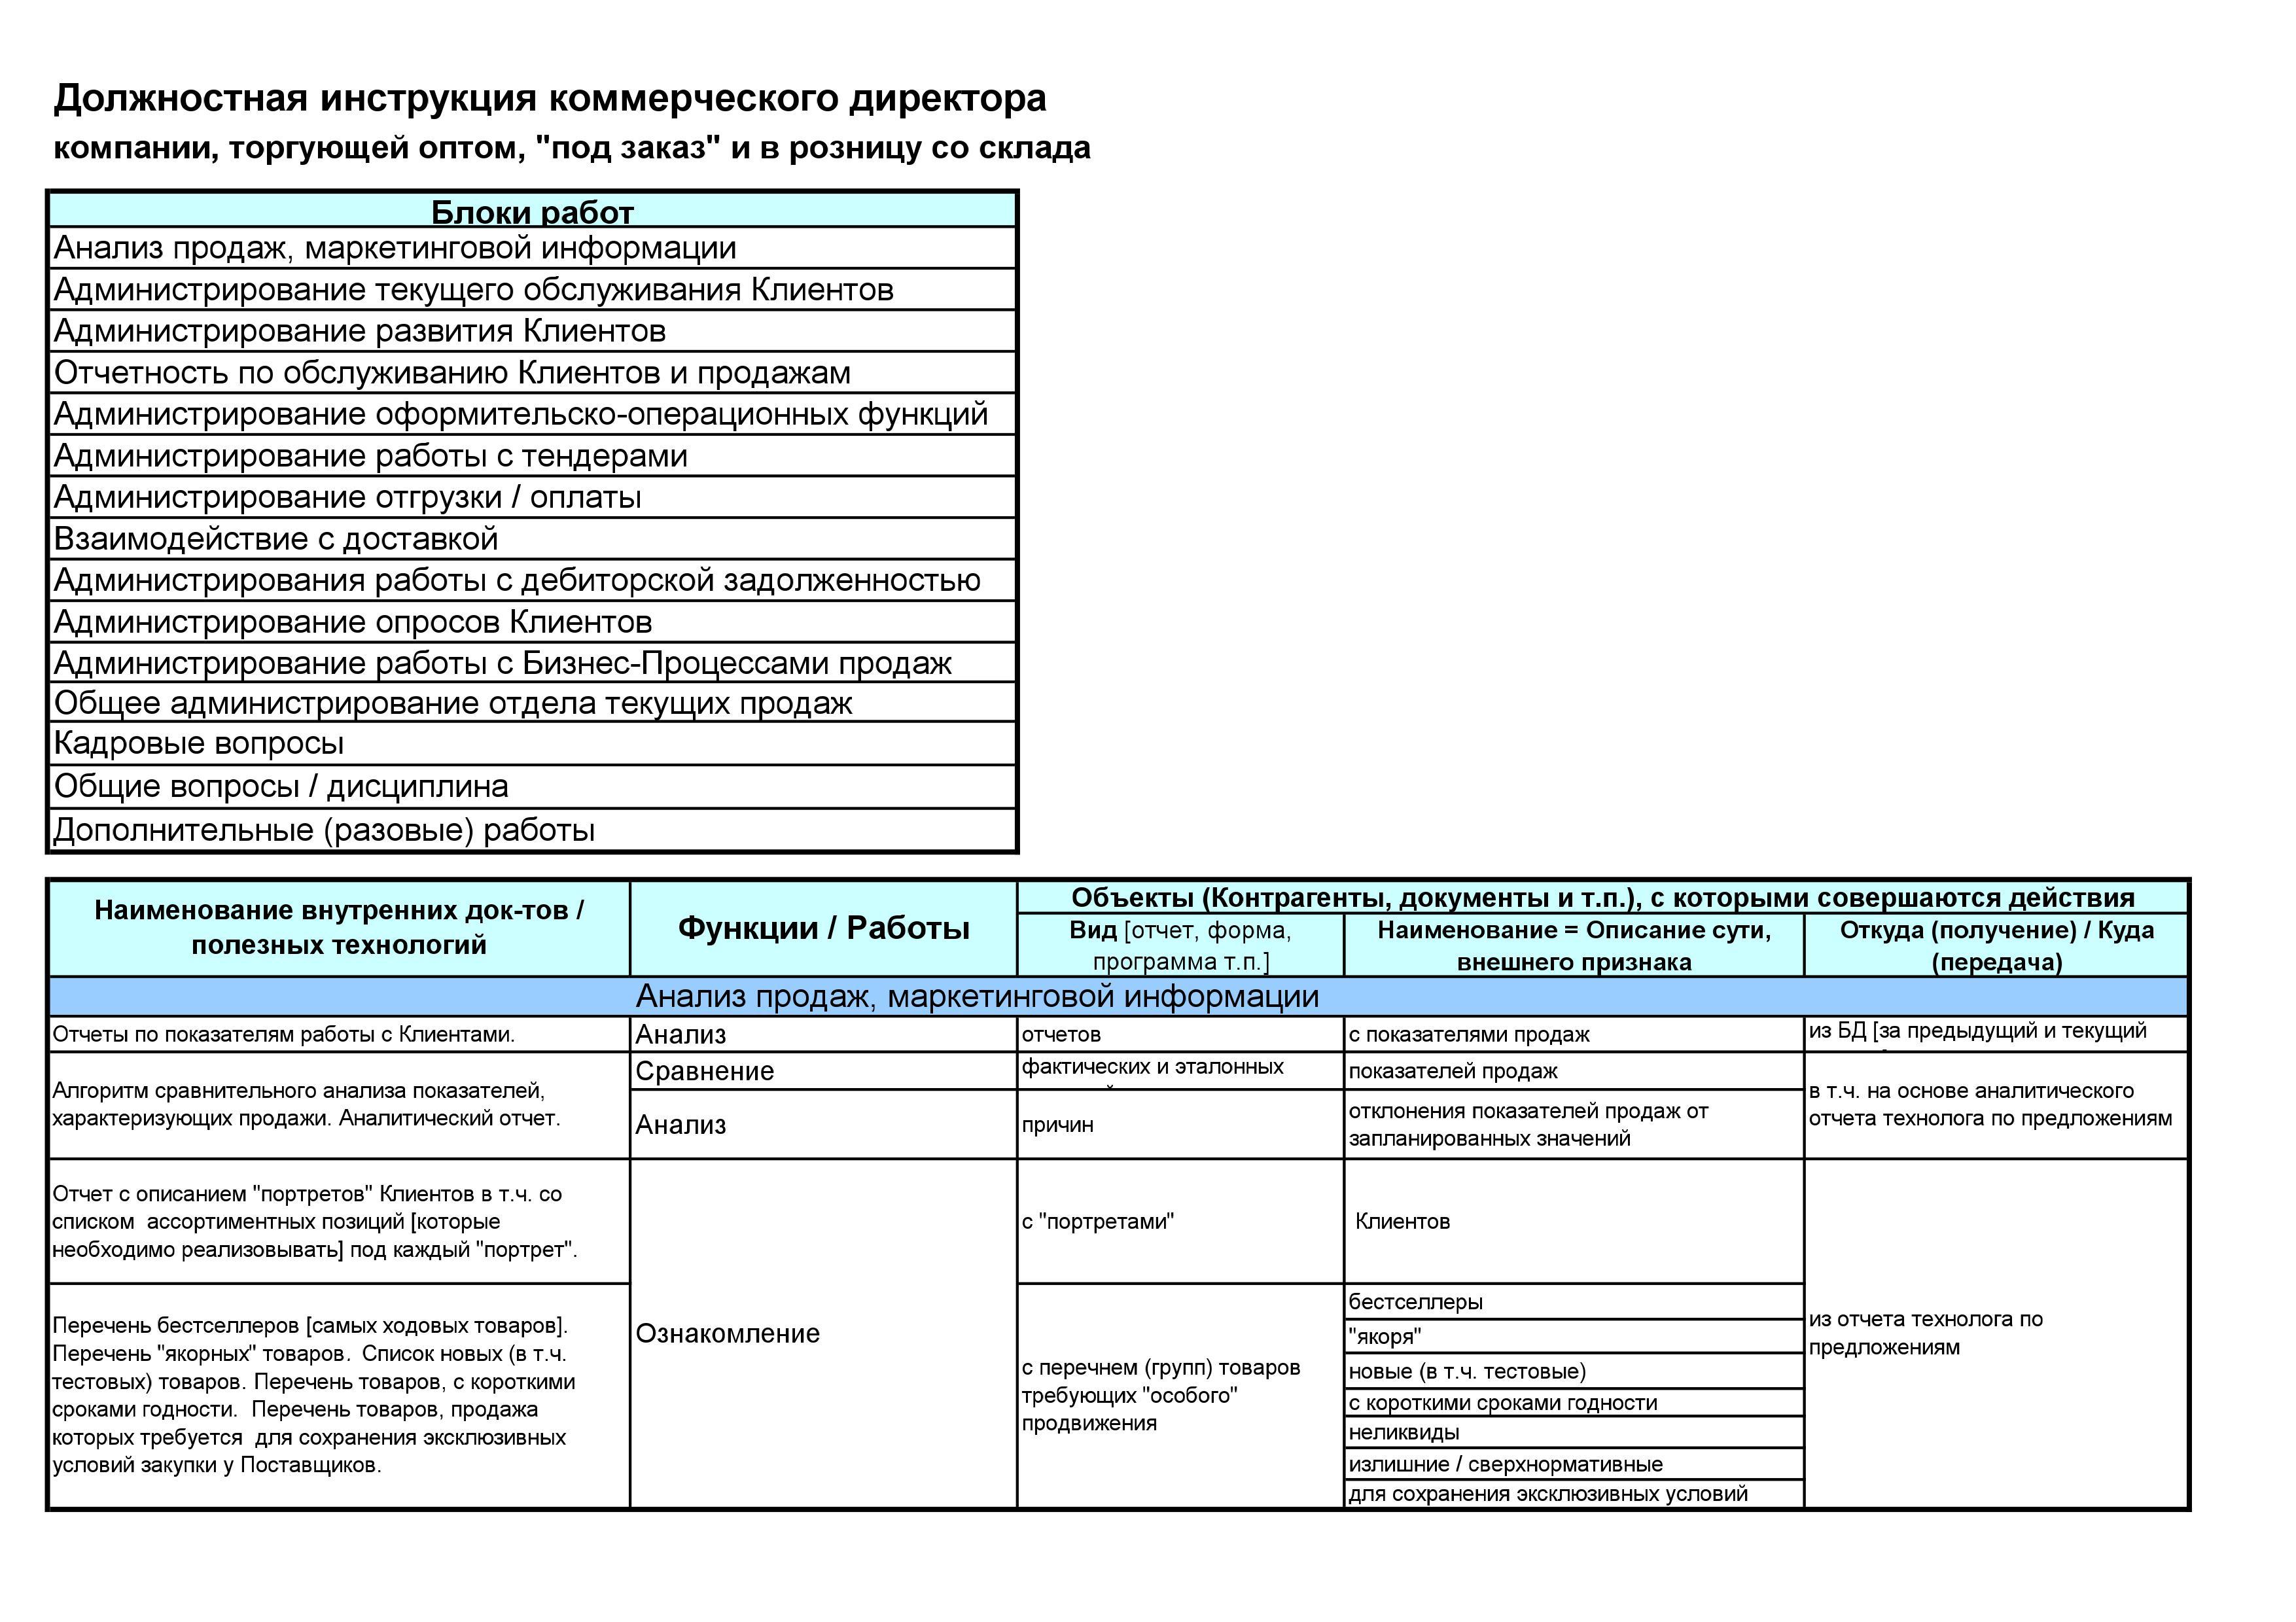 Должностные инструкций менеджер коммерческий отдел